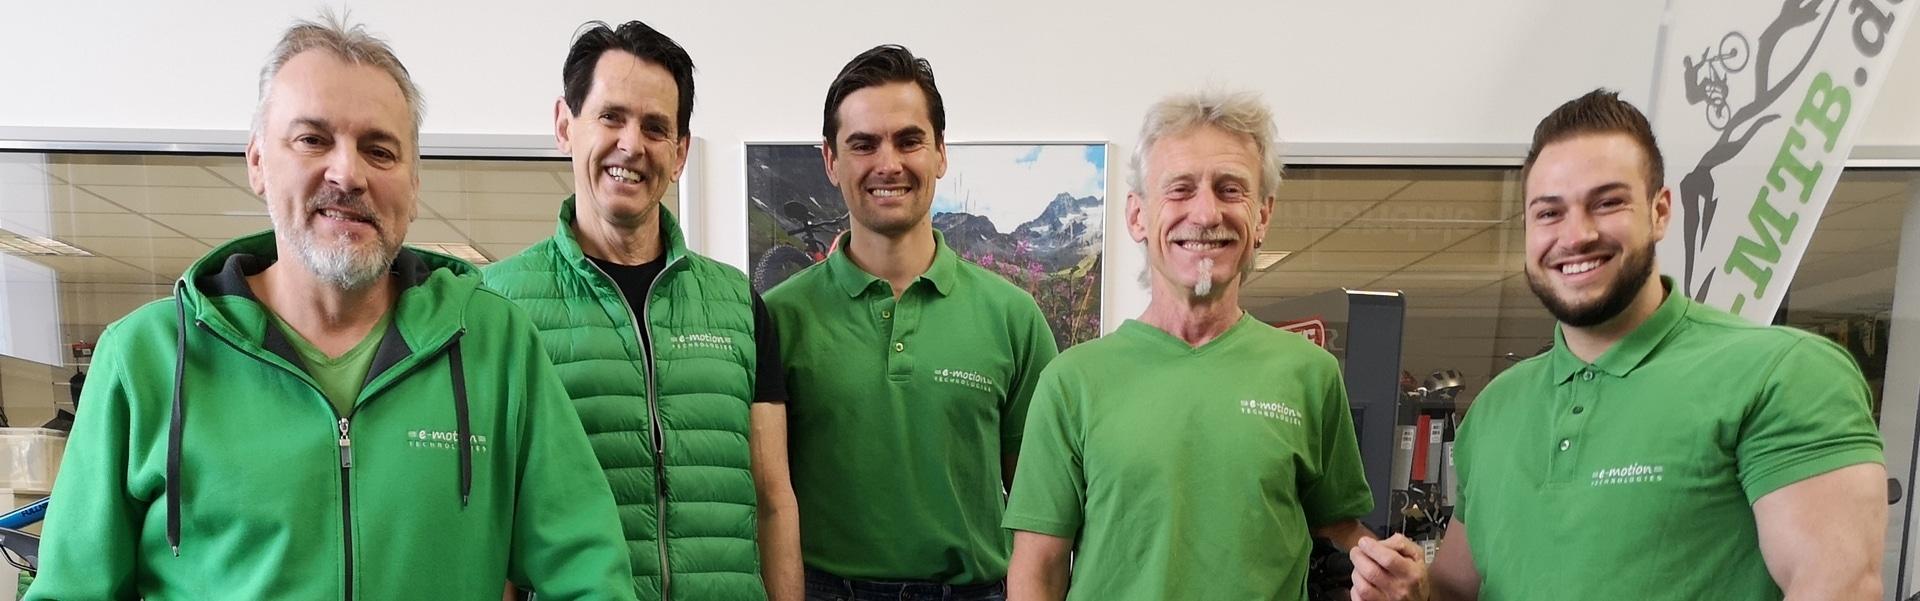 Dein Team der e-motion e-bike Welt München West